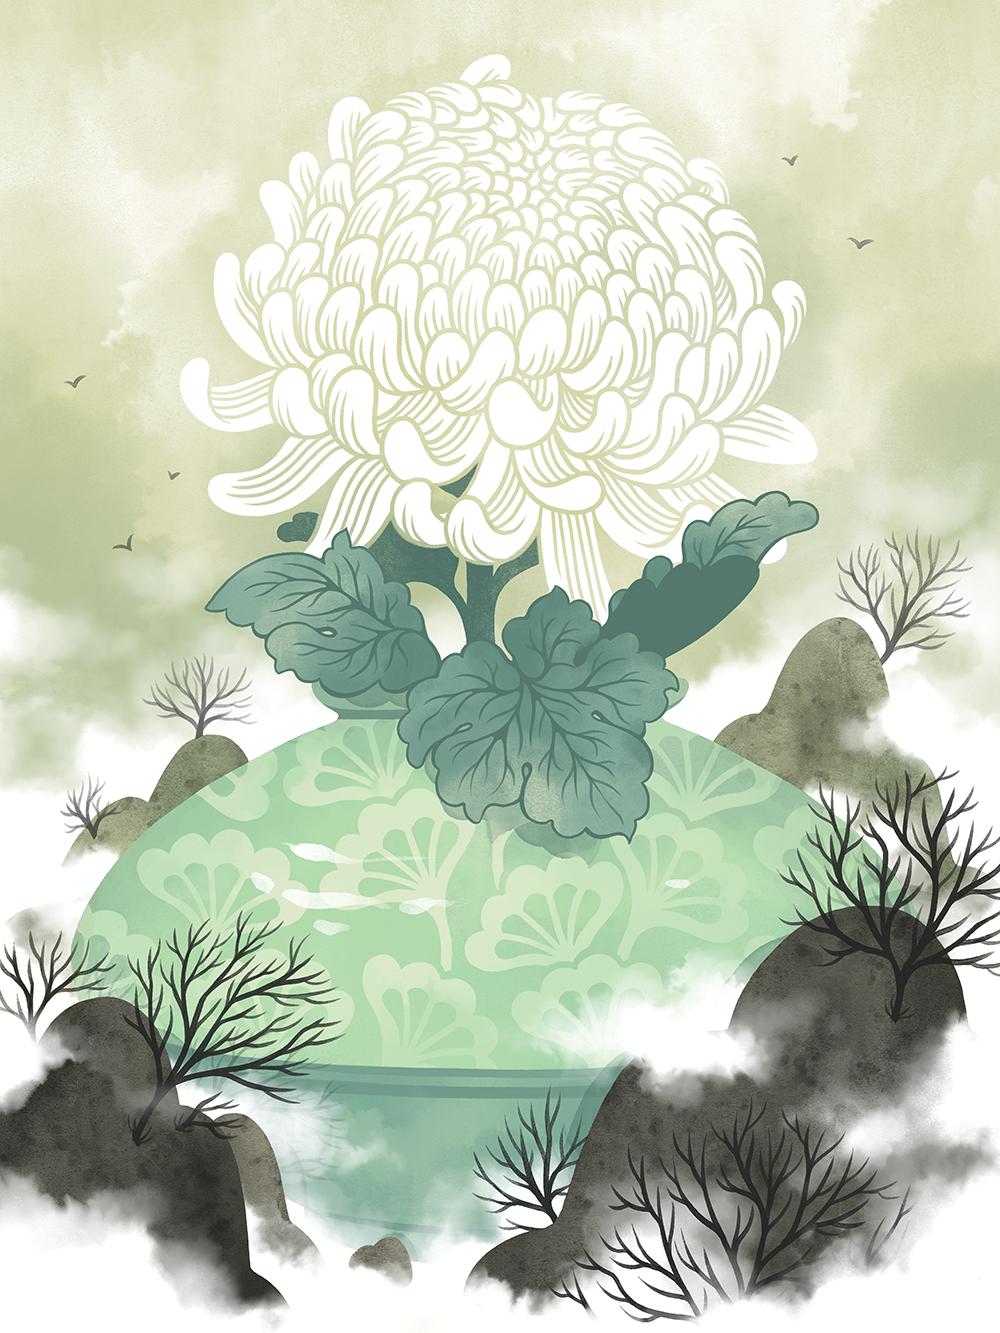 """""""Celadon"""" by Cleonique Hilsaca"""